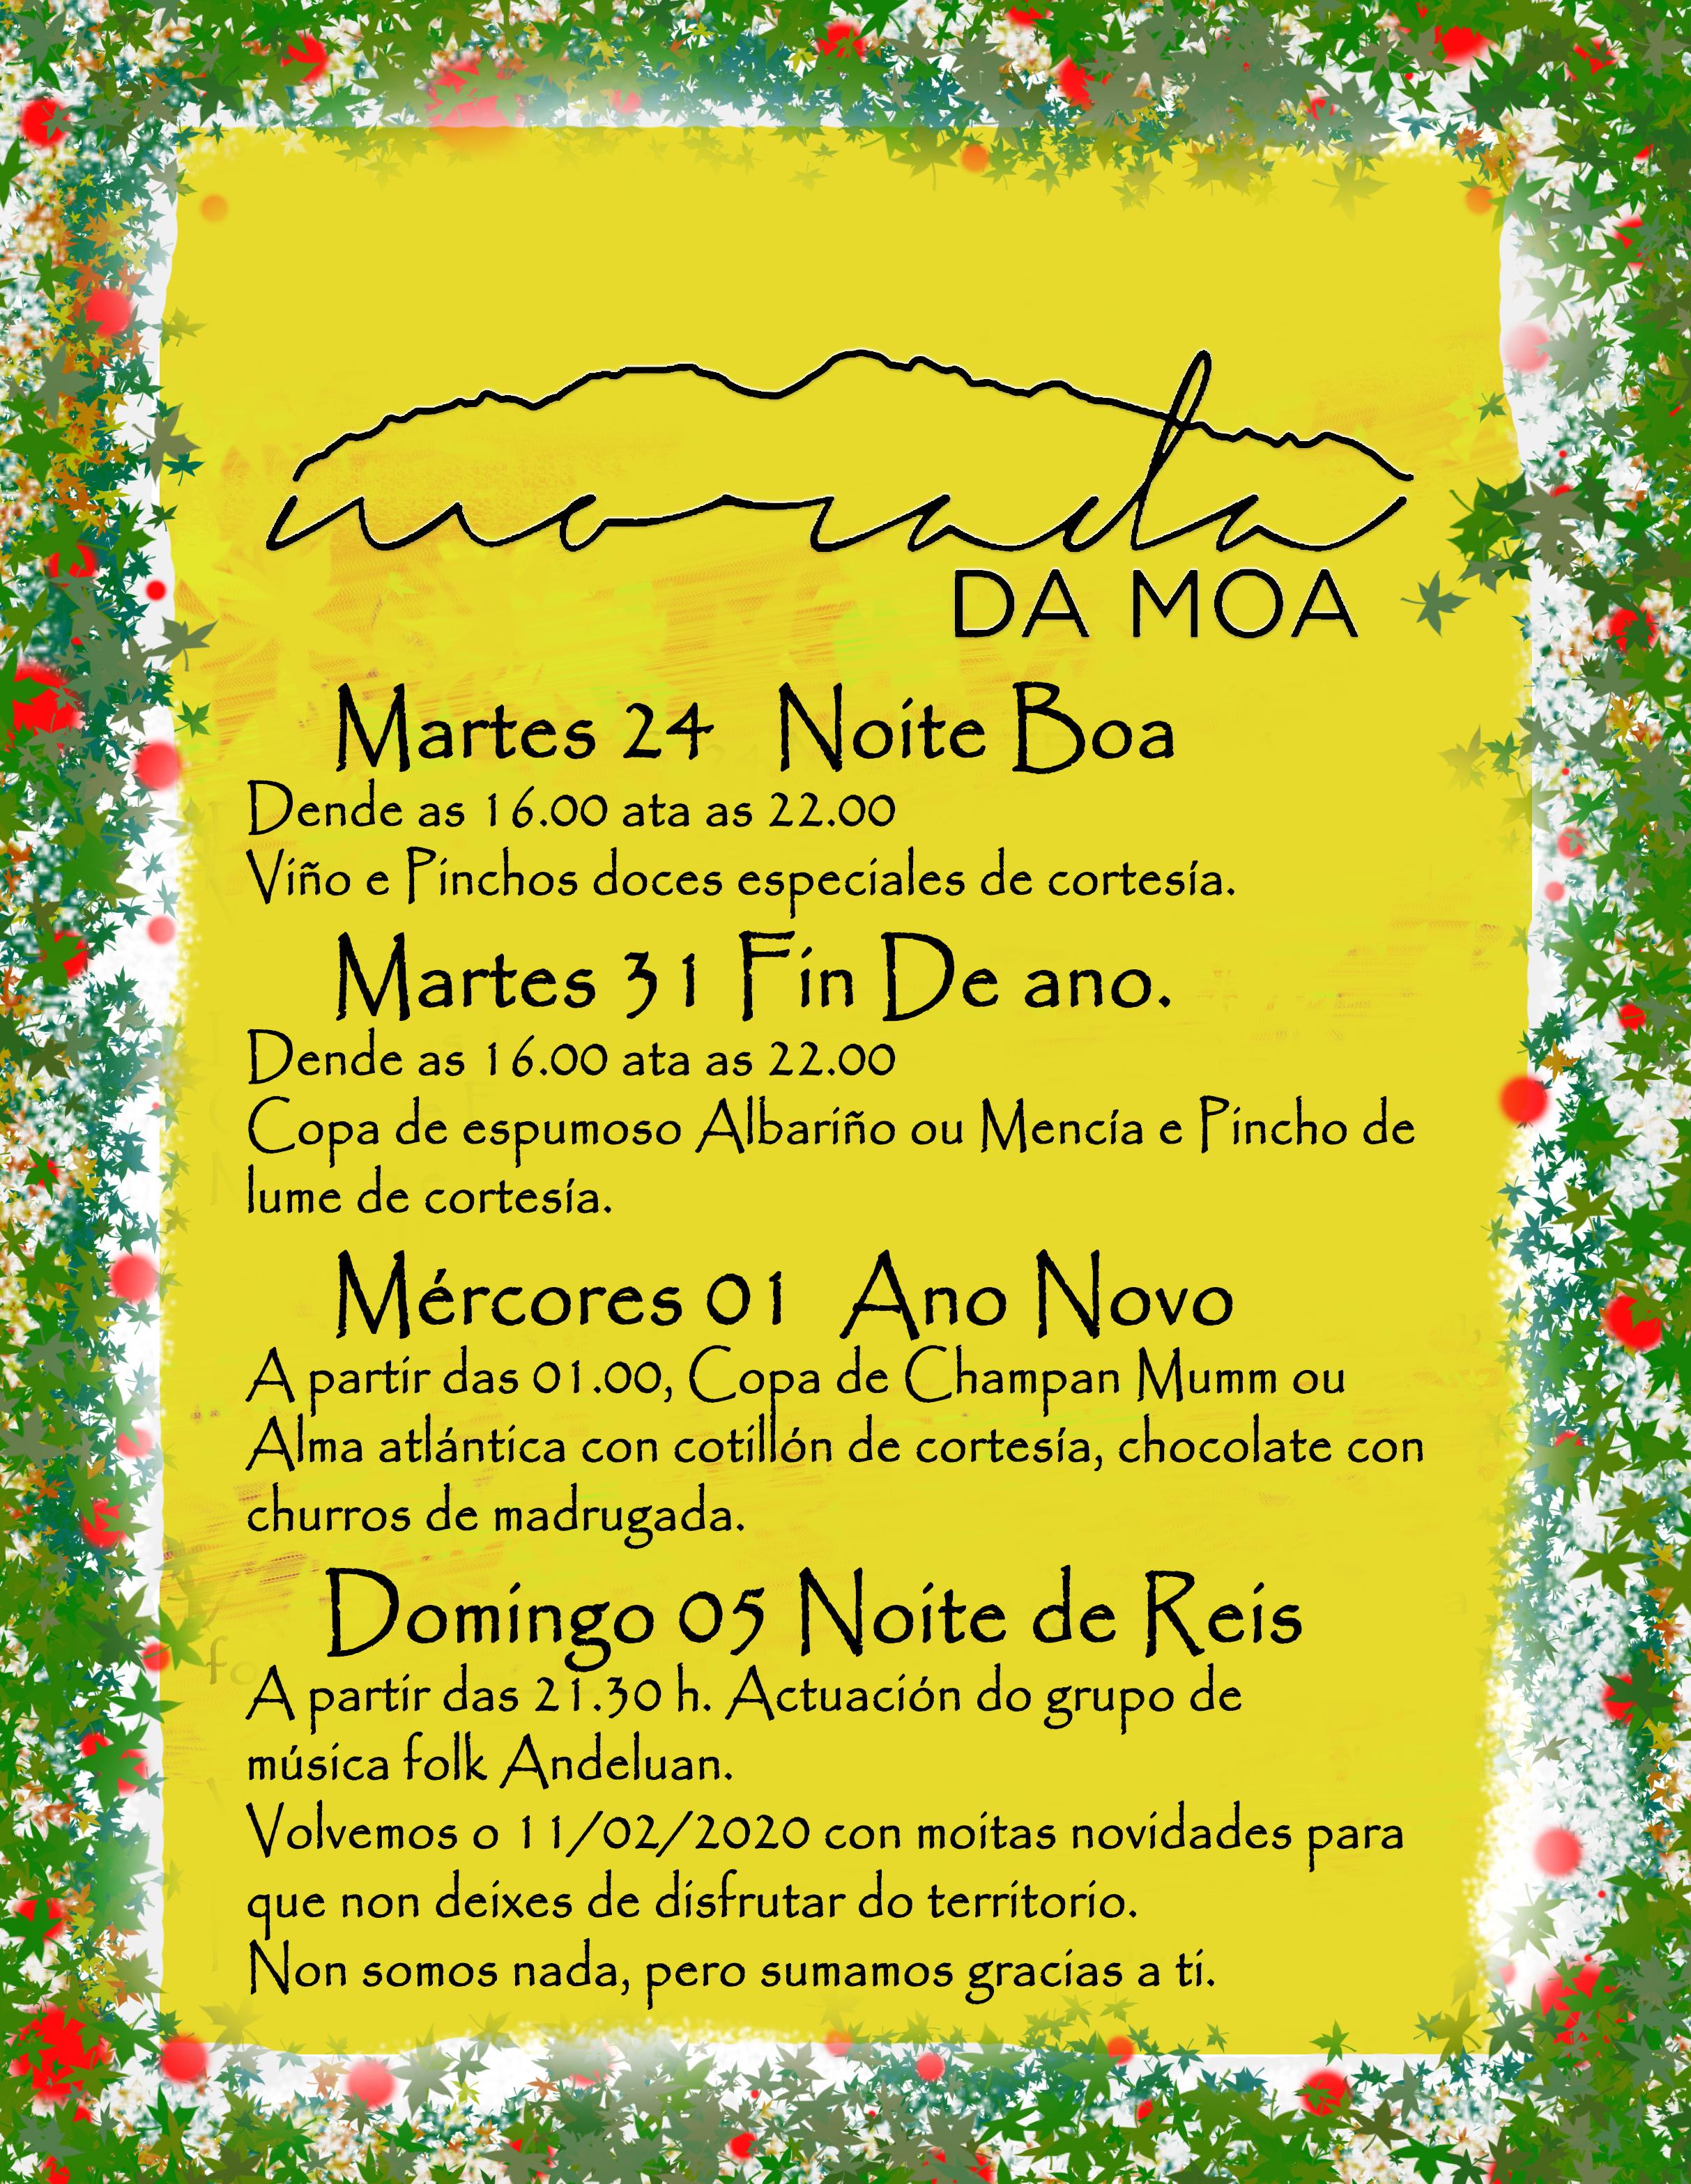 horarios-de-navidad-en-morada-da-moa